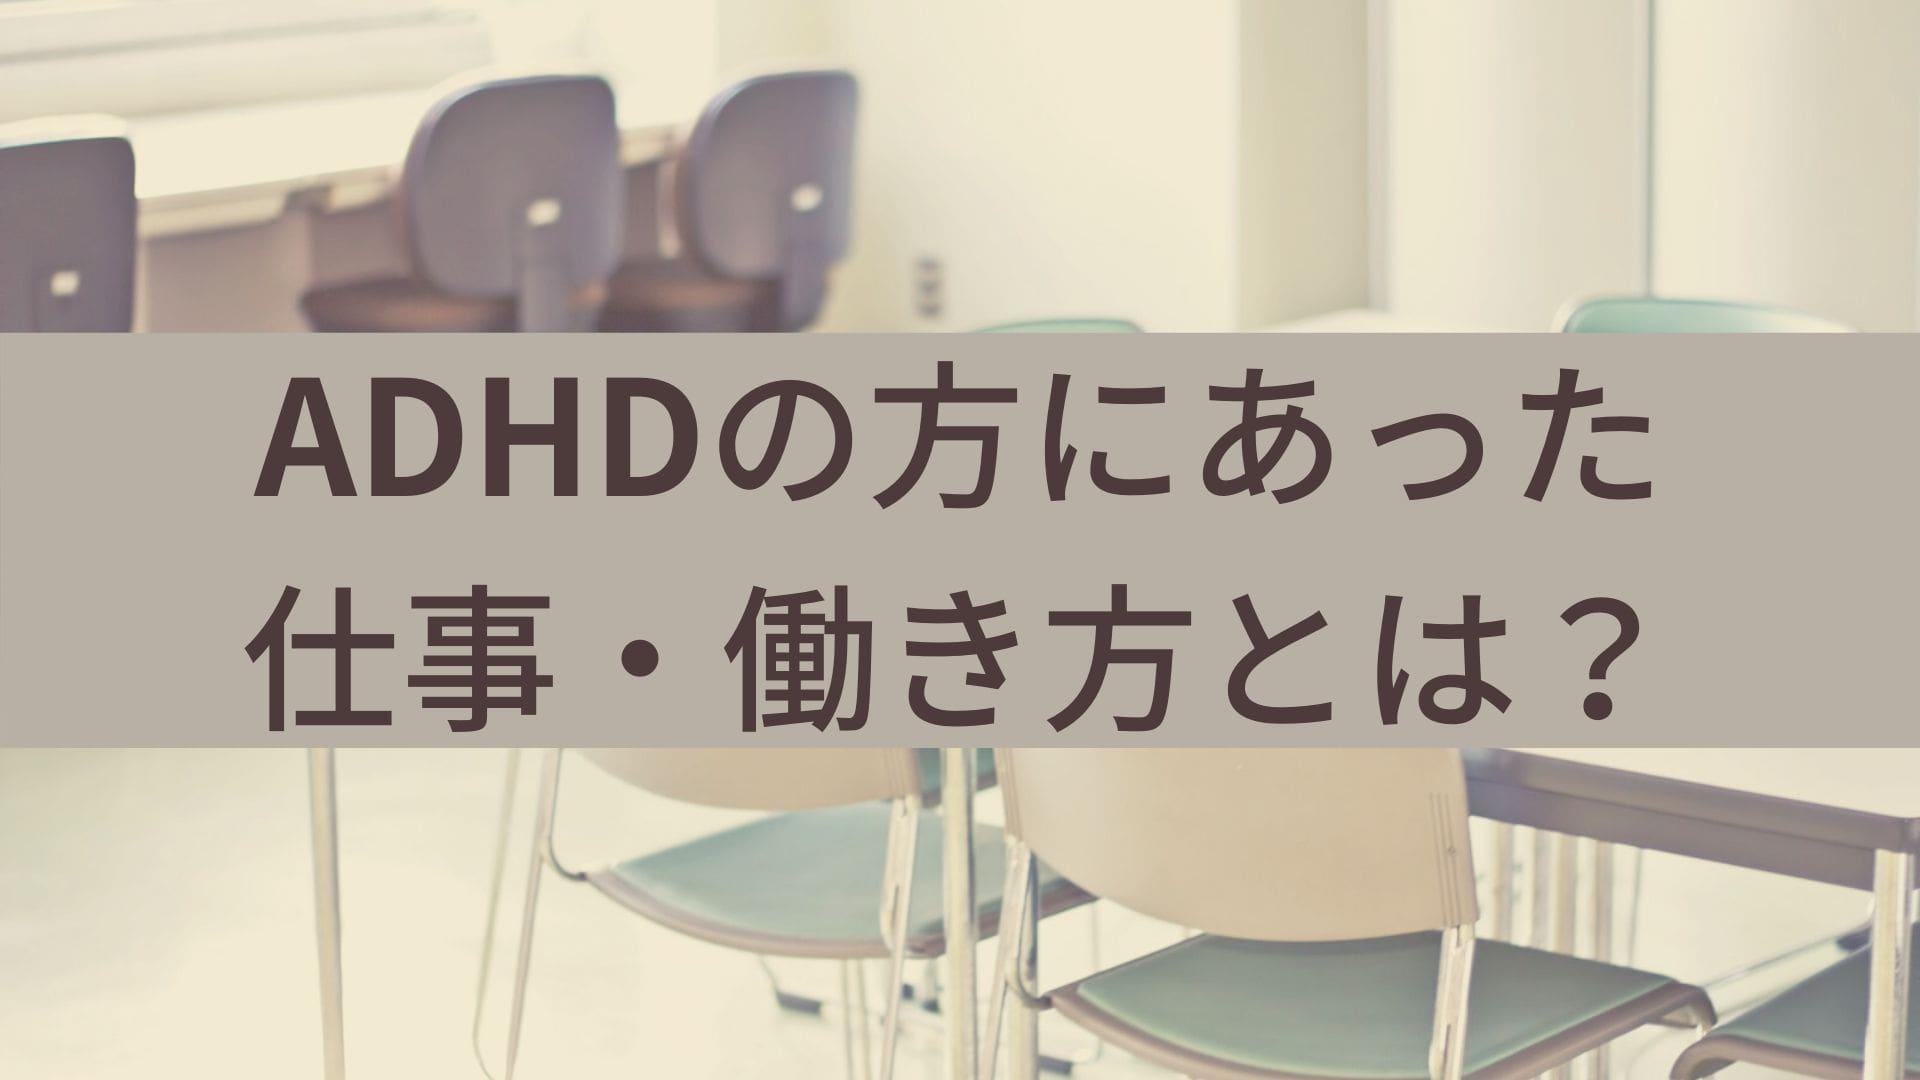 ADHDの方にあった仕事・働き方とは?